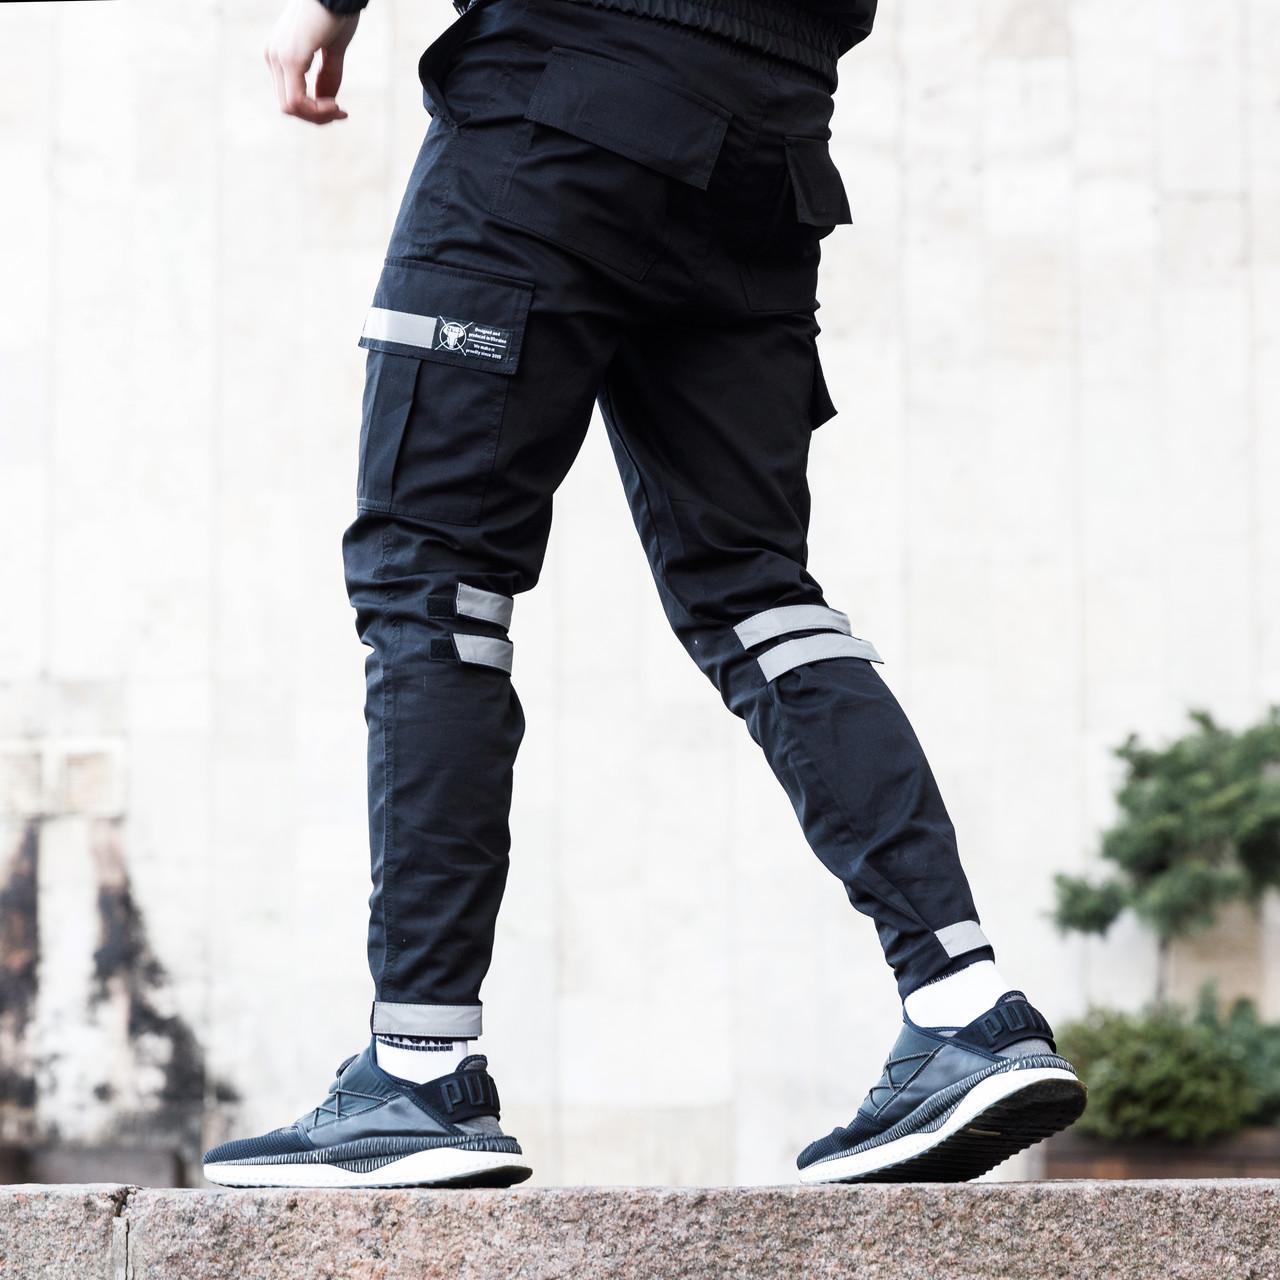 Зауженные карго штаны черные на липучках с рефлектом мужские от бренда ТУР Райот размер S, M, L, XL, XXL